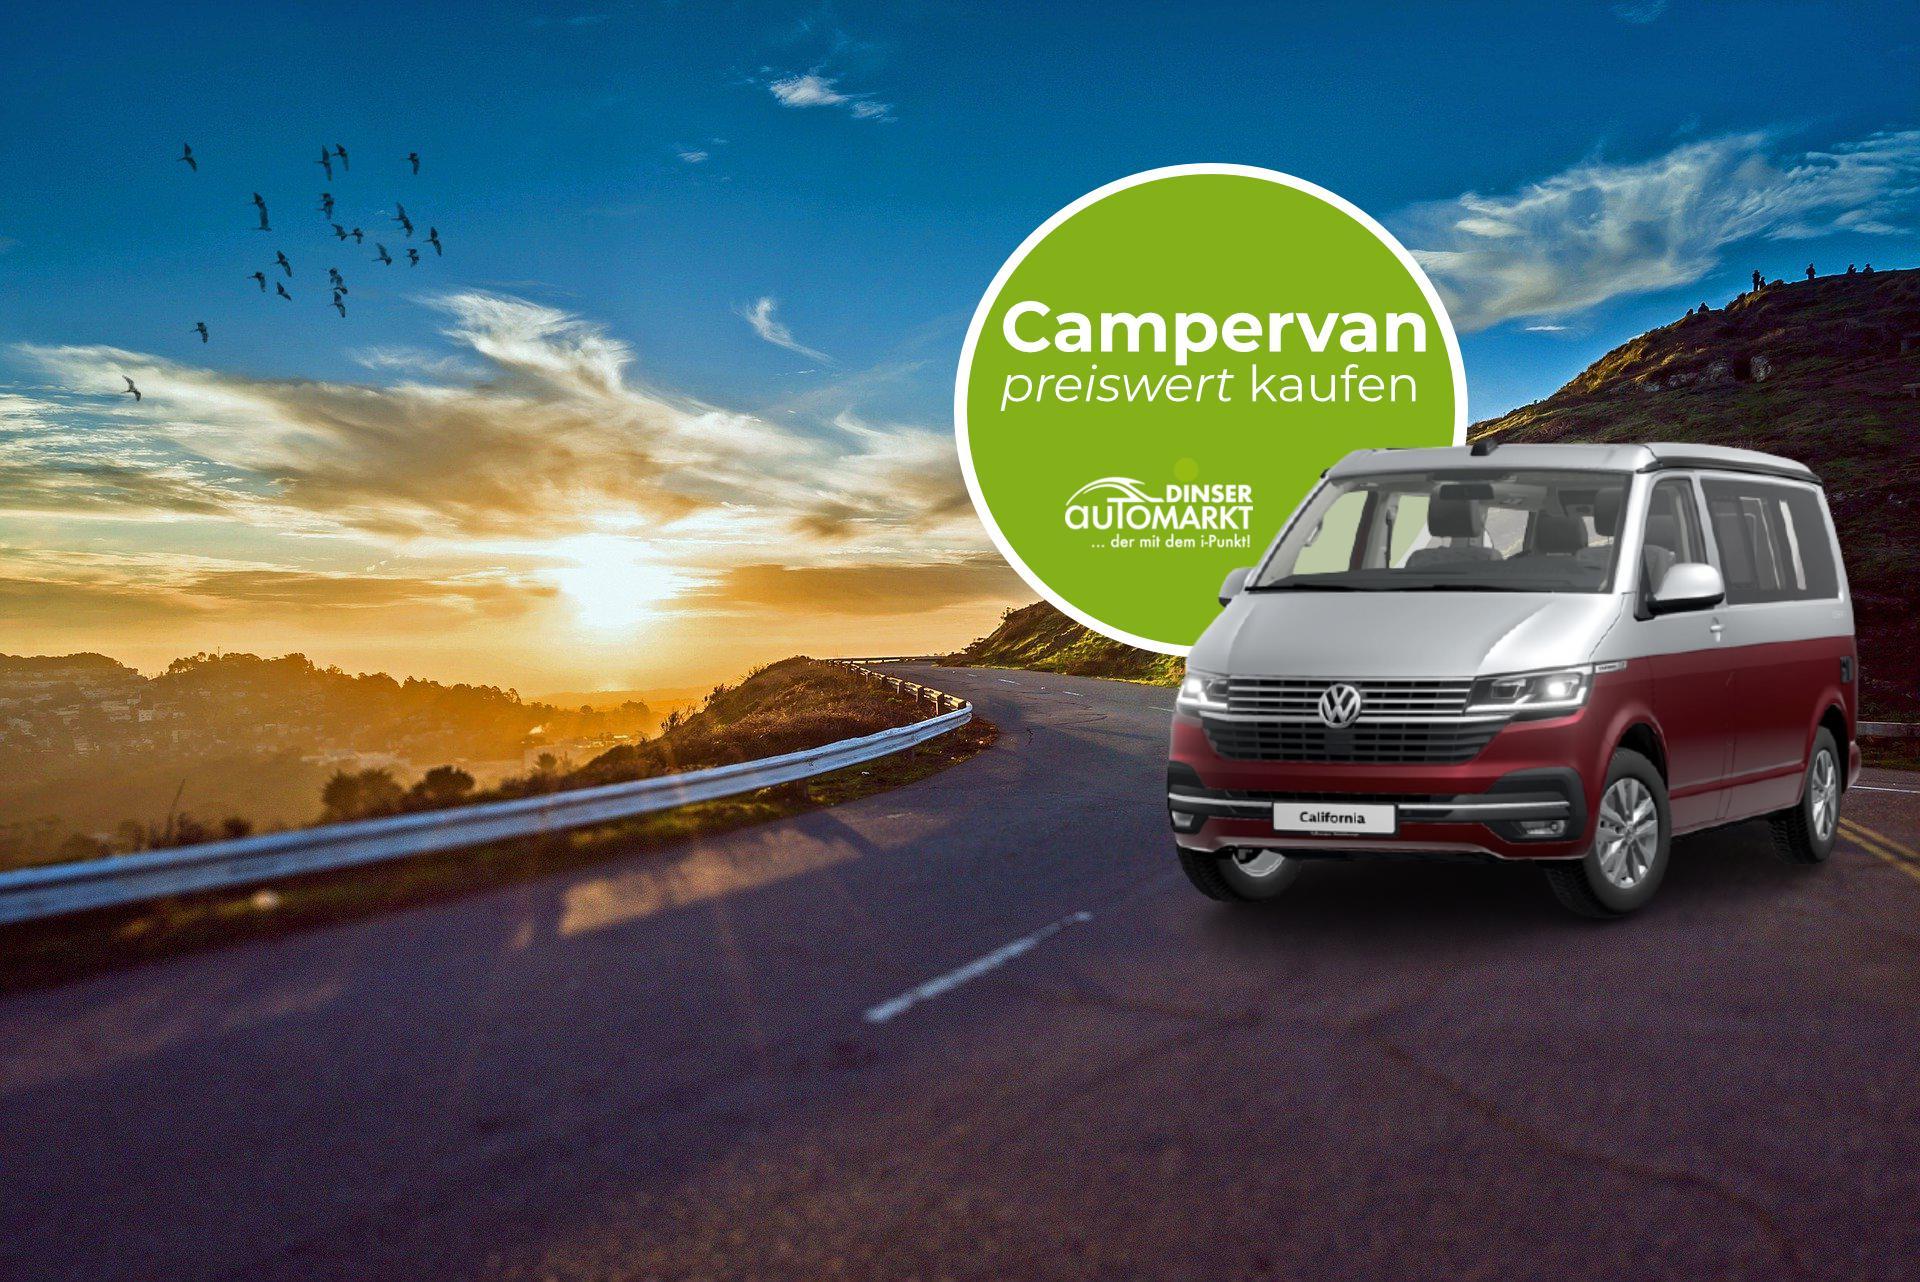 Campervan bei Automarkt Dinser kaufen